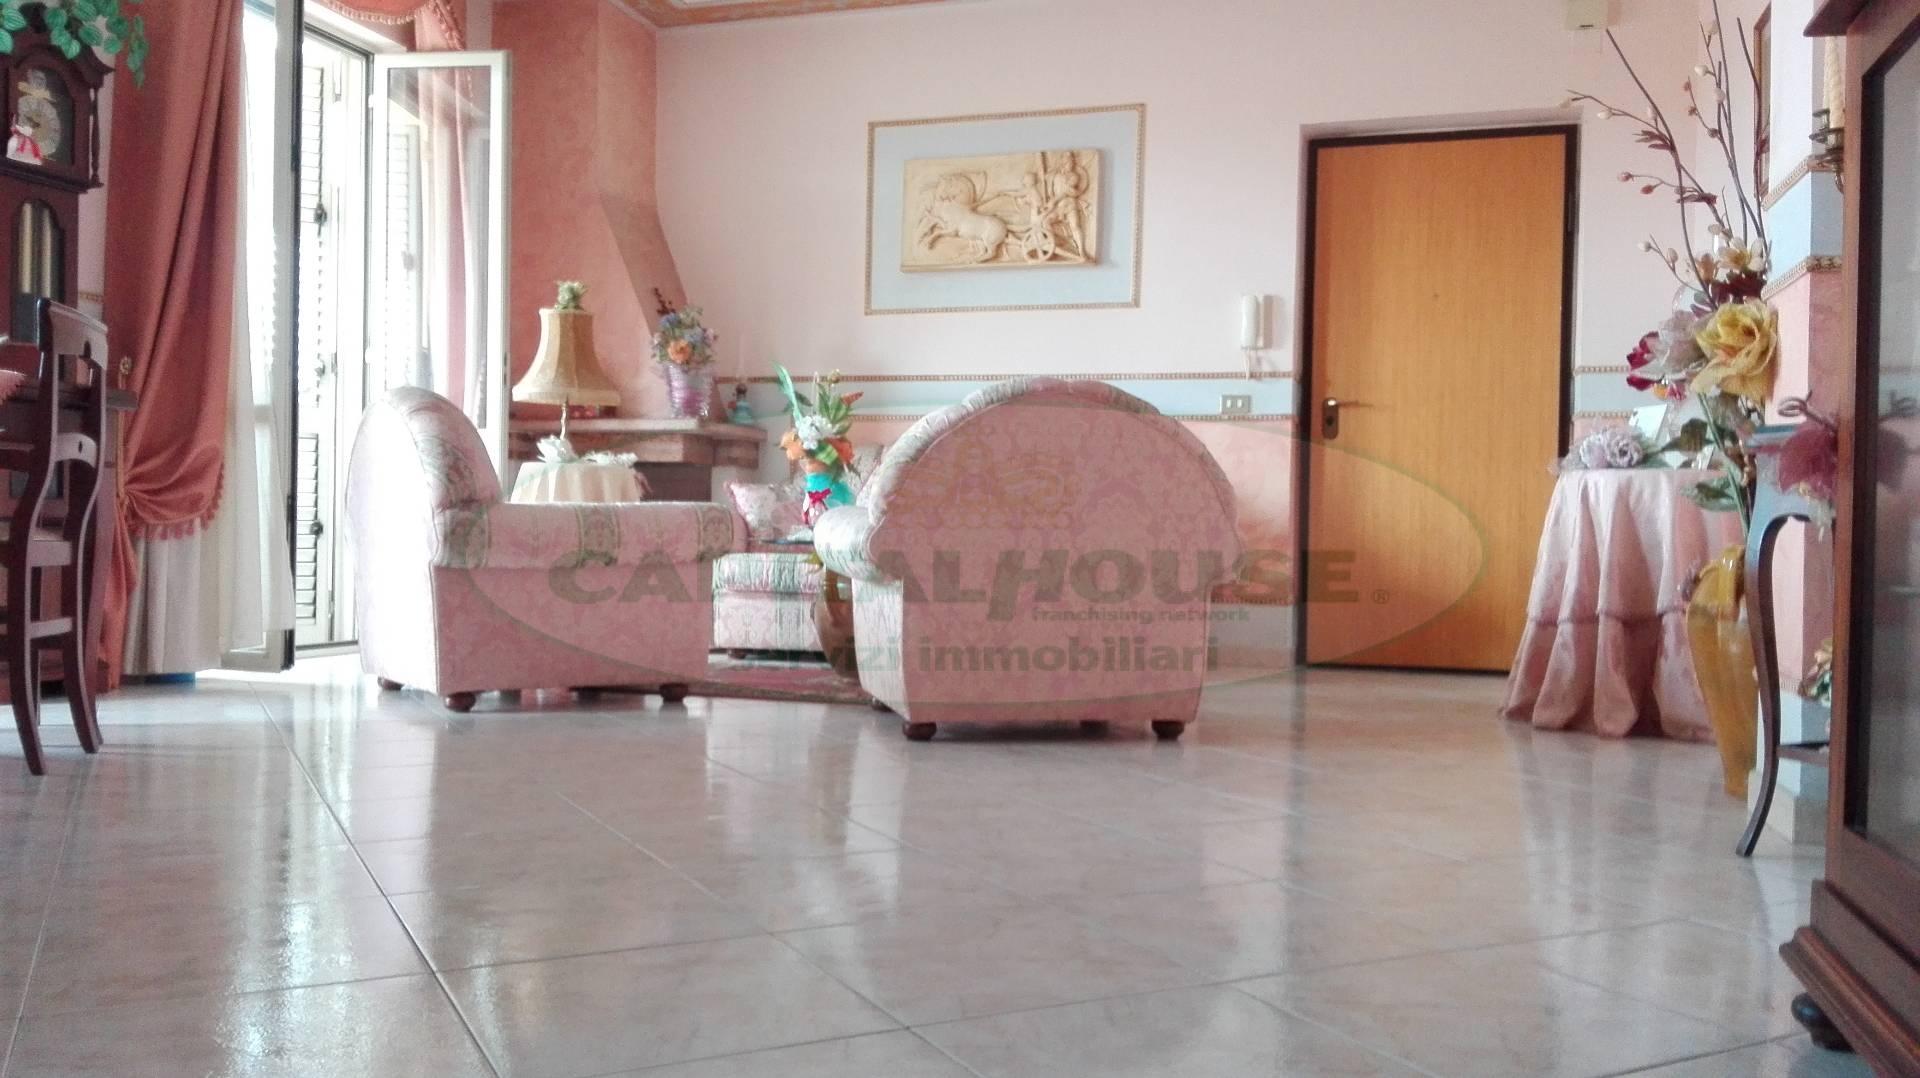 Appartamento in vendita a Macerata Campania, 3 locali, prezzo € 98.000 | Cambio Casa.it